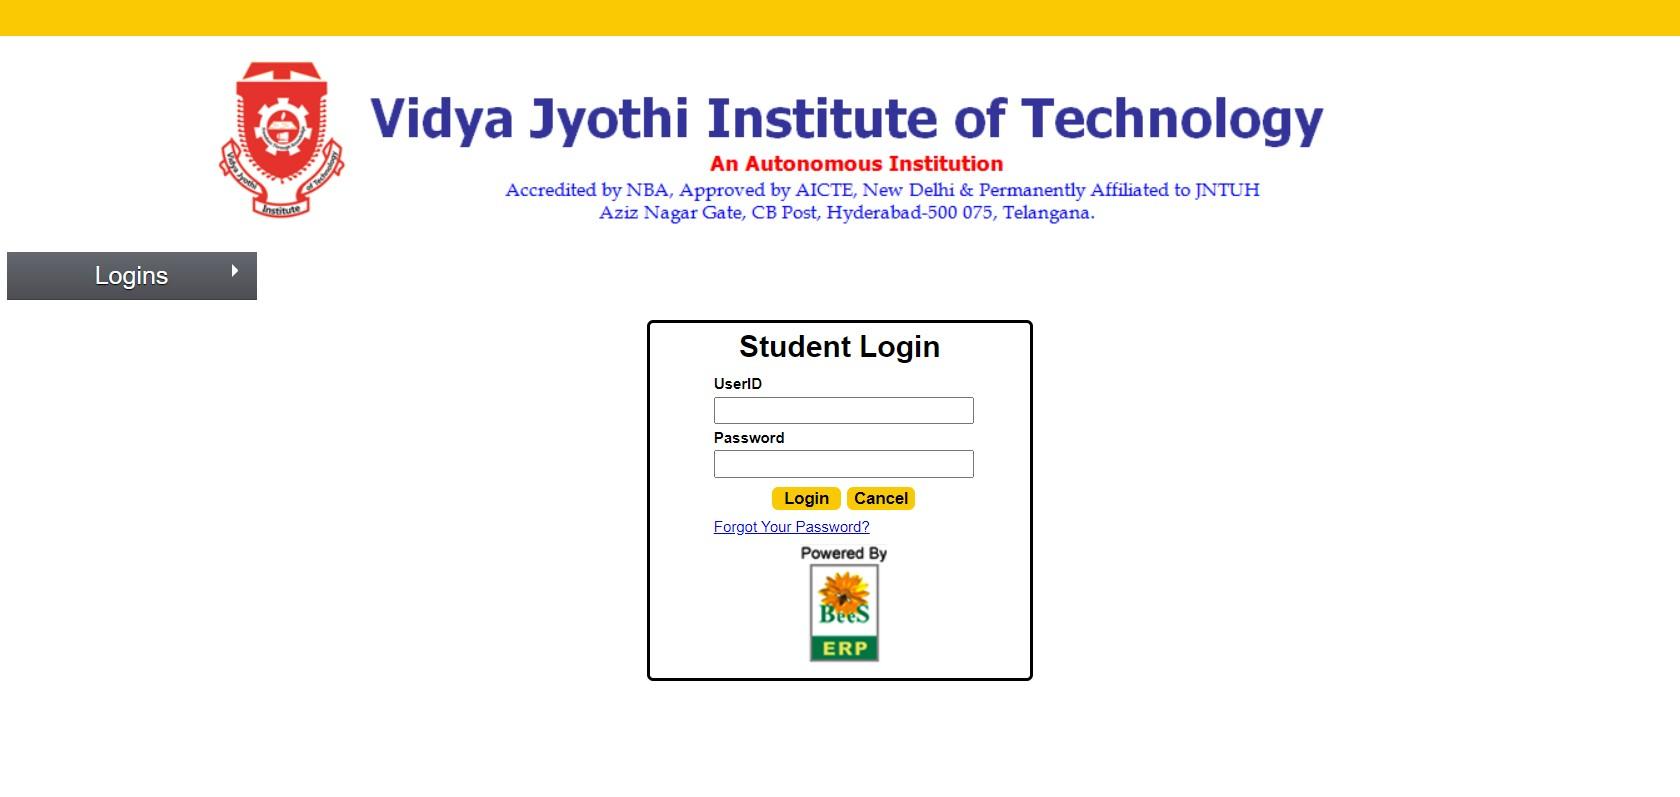 vjit.ac.in student login